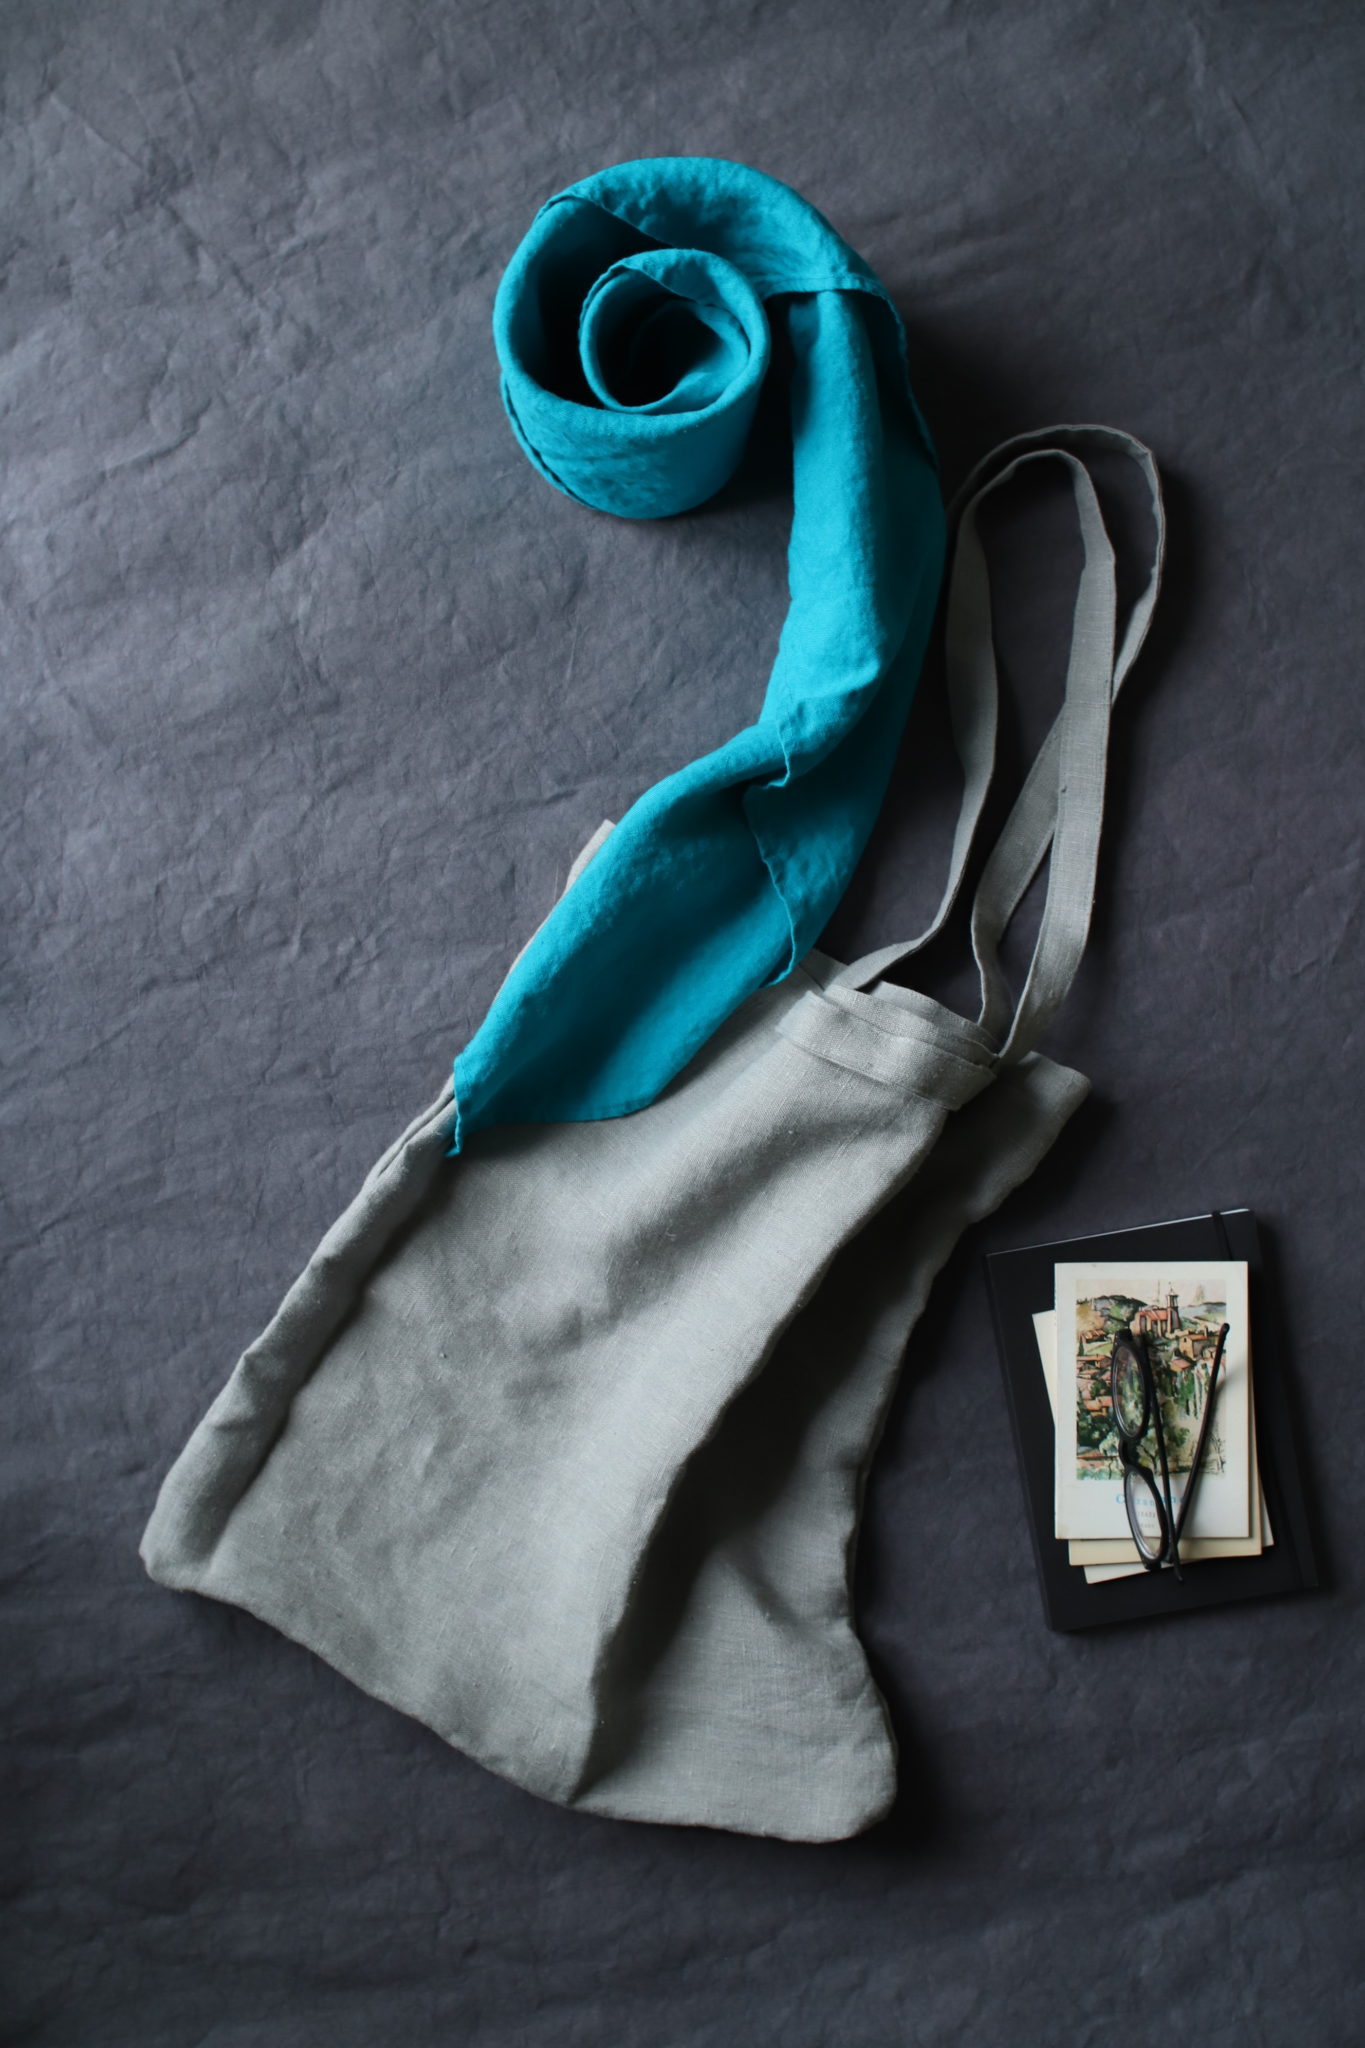 torba lniana naturalna w kolorze jasno-szarym lekko w lekko zielonkawym odcieniu w kompozycji na grafitowym tle z turkusową chustą lnianą